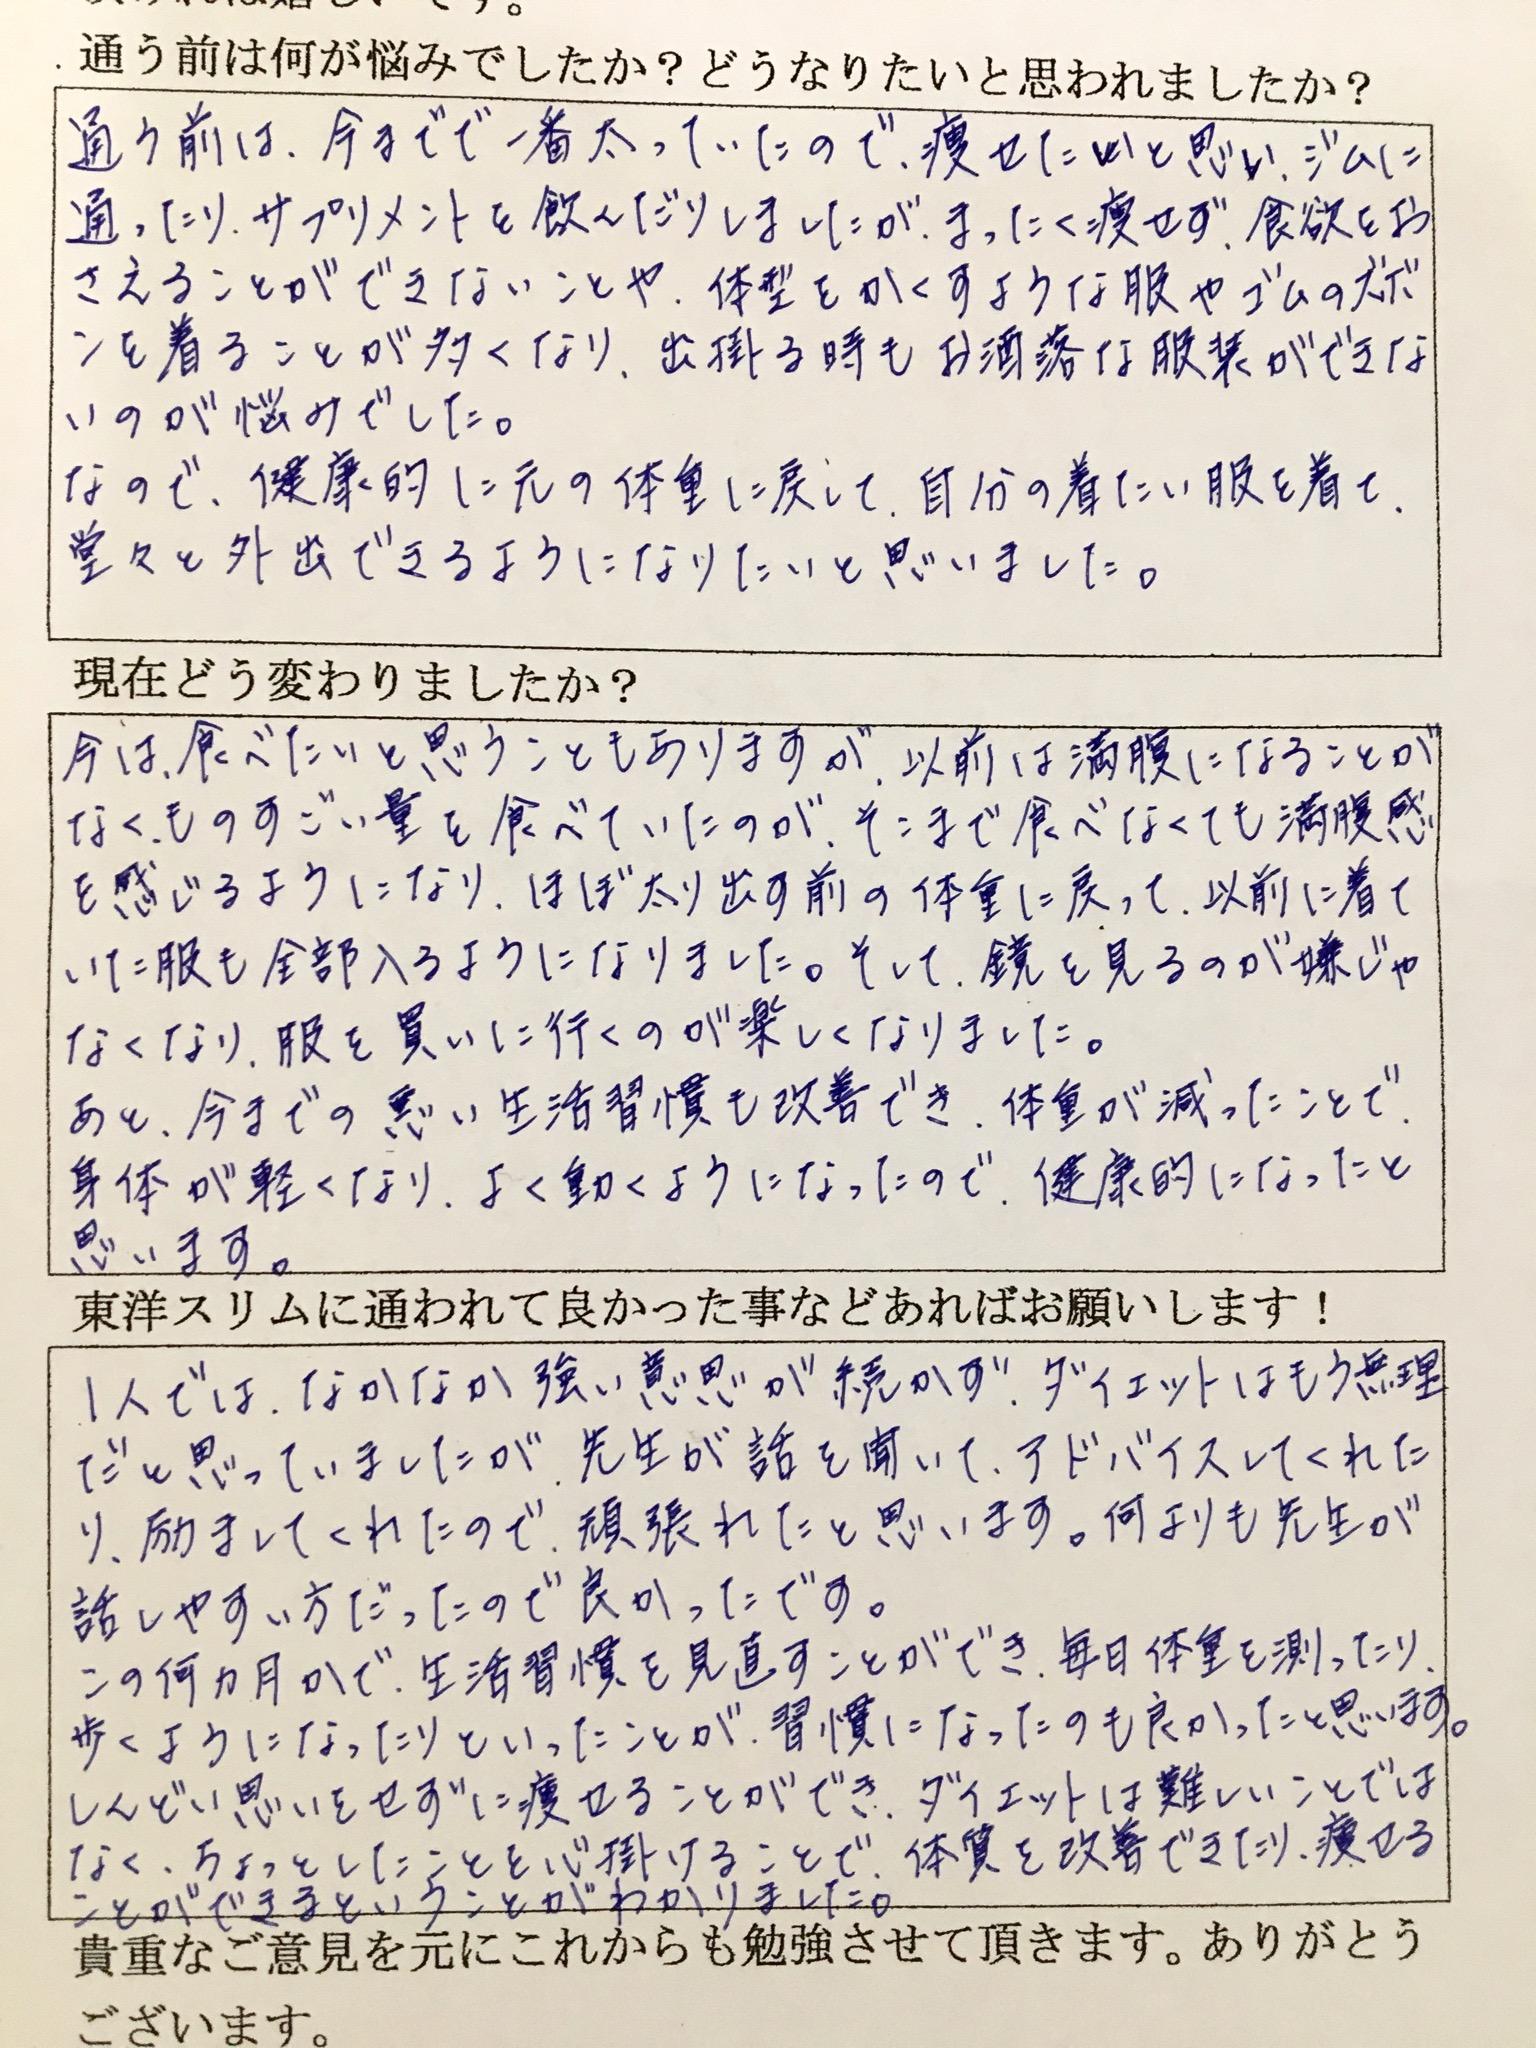 [皆様の声]大阪府松原市Y様(30代)耳つぼダイエット6kg成功。しんどい思いをせず痩せる事ができ…